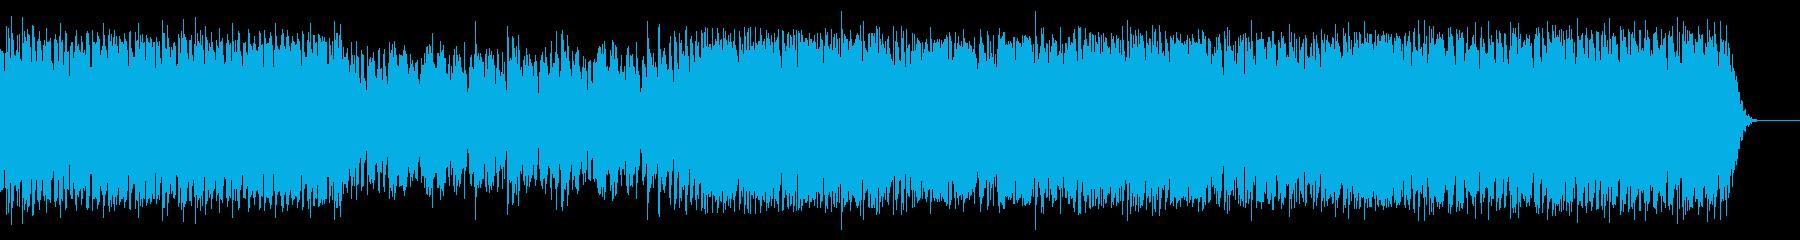 和太鼓のシンプルなアンサンブル迫力、壮大の再生済みの波形